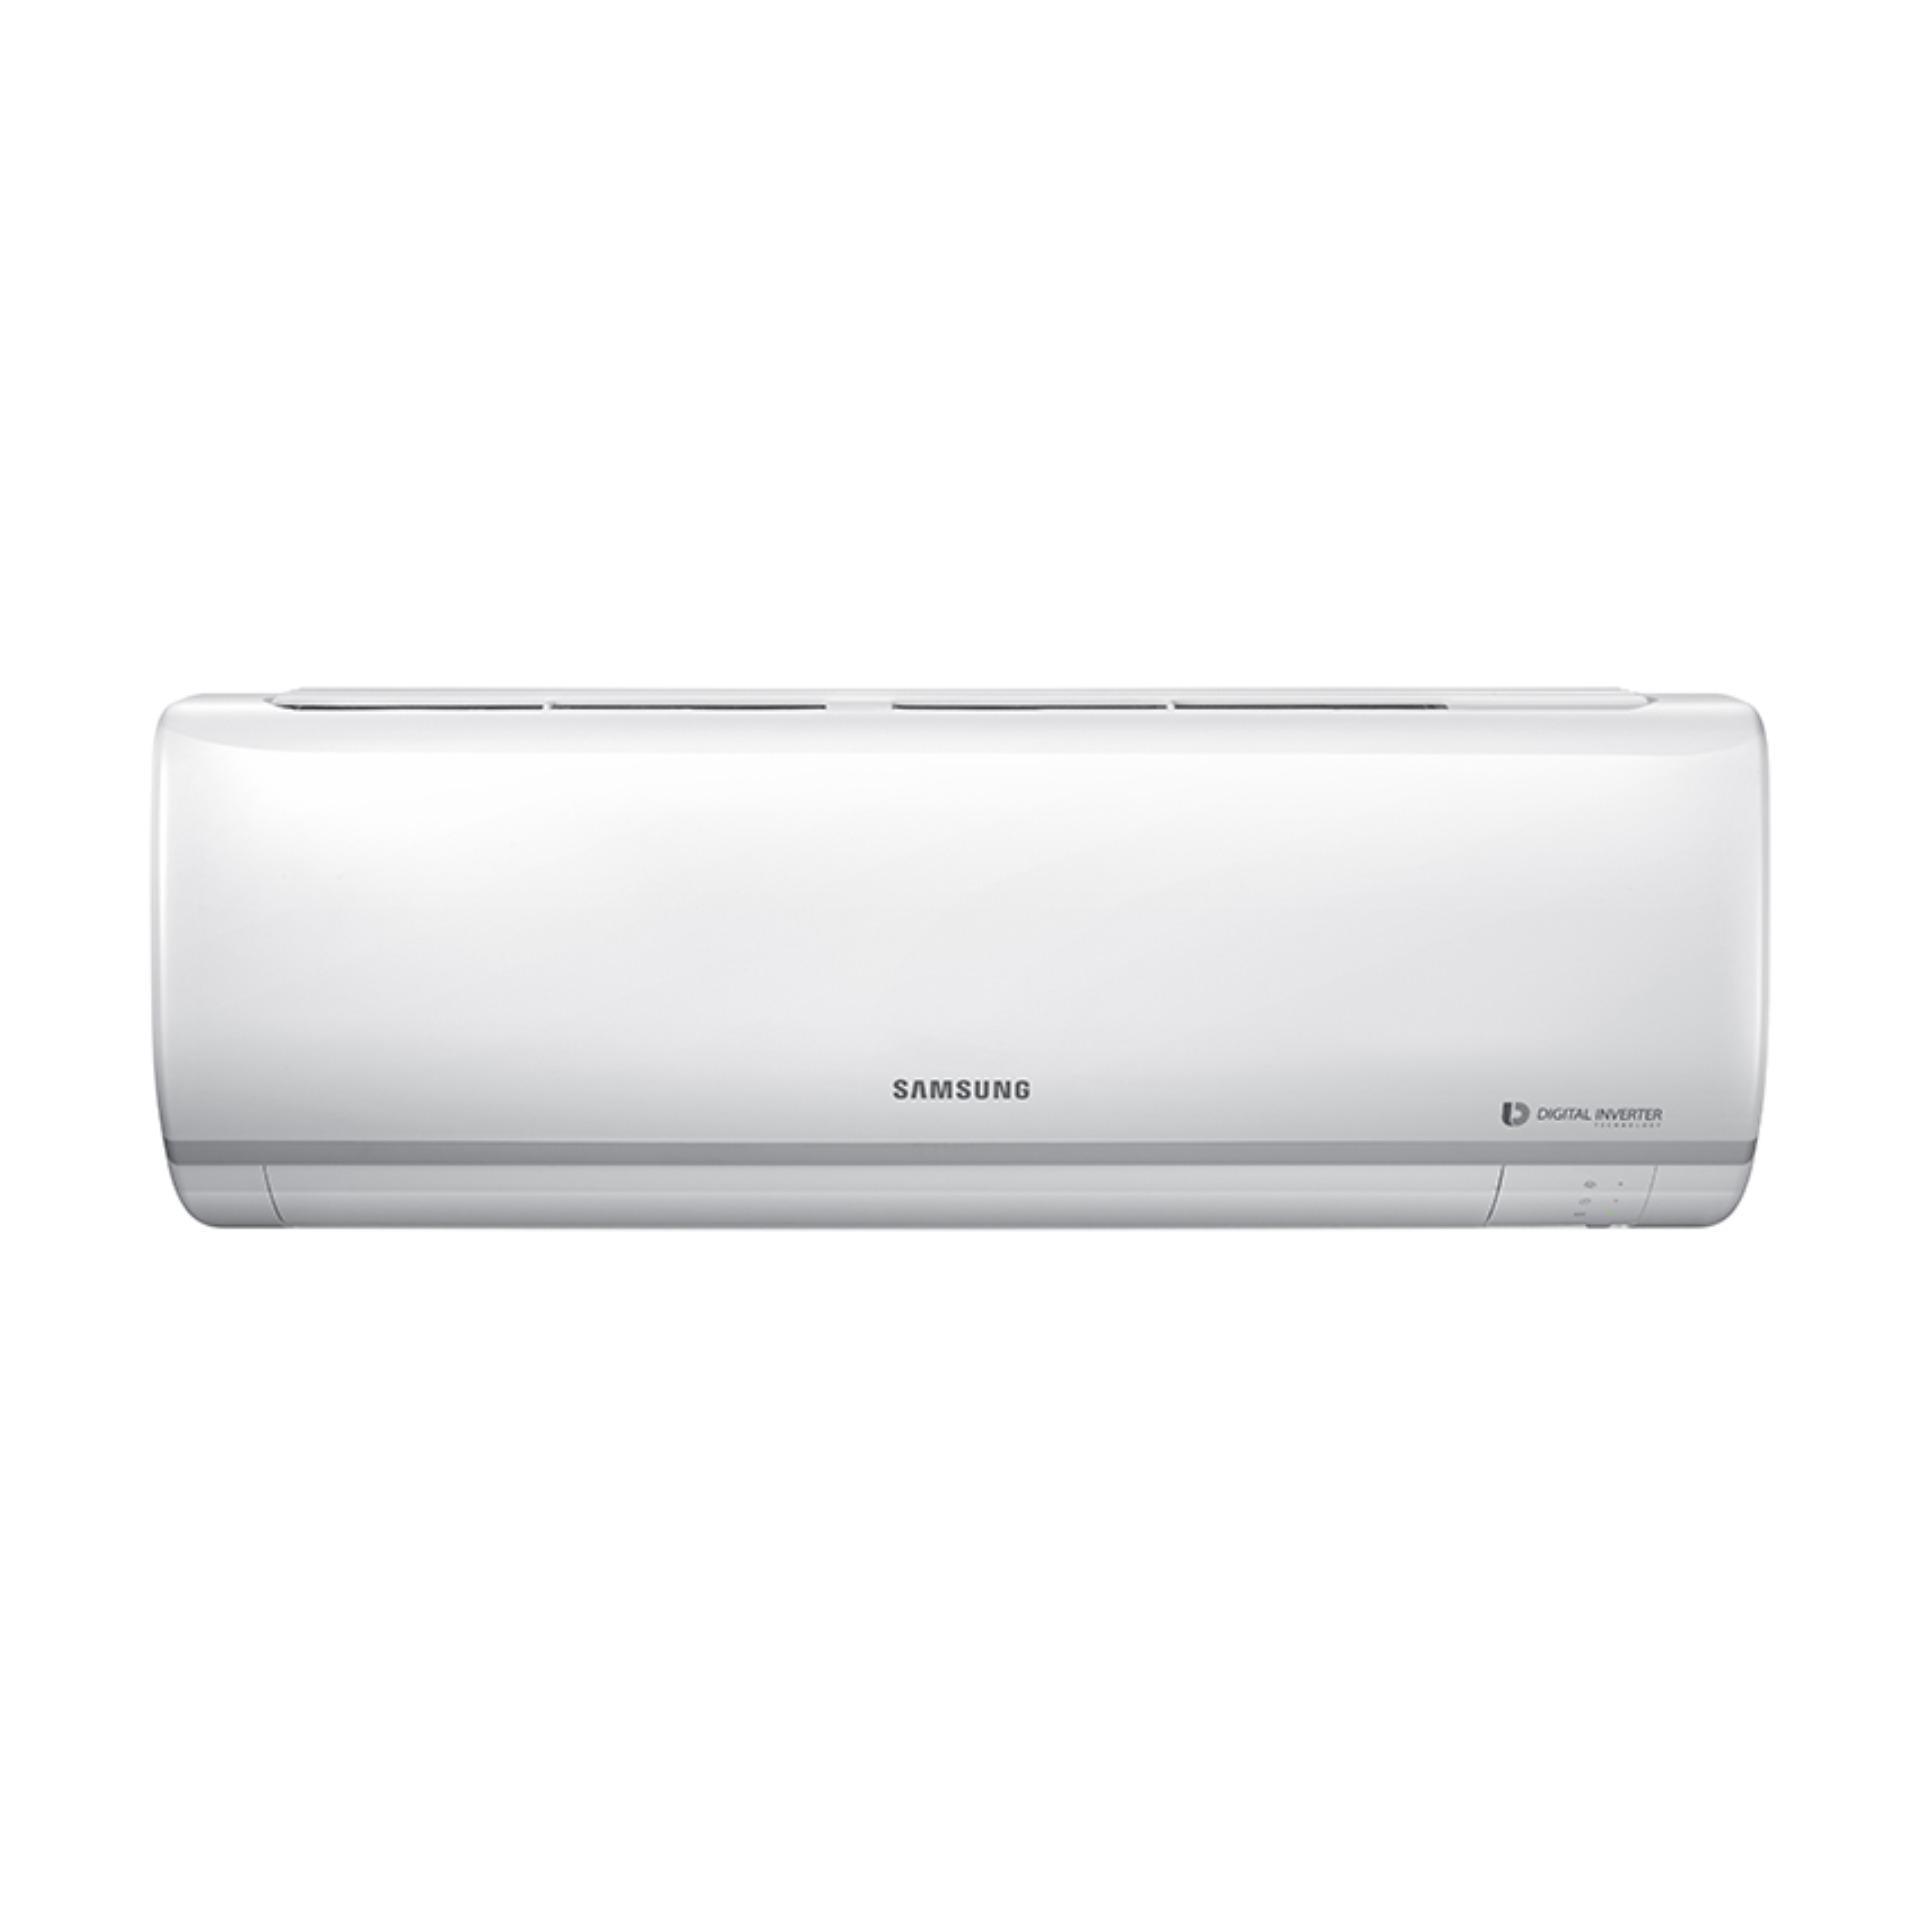 Máy điều hòa Samsung Digital Inverter 8 cực 9.000 BTu/h - AR10NVFTAGMNSV (Trắng) chính hãng